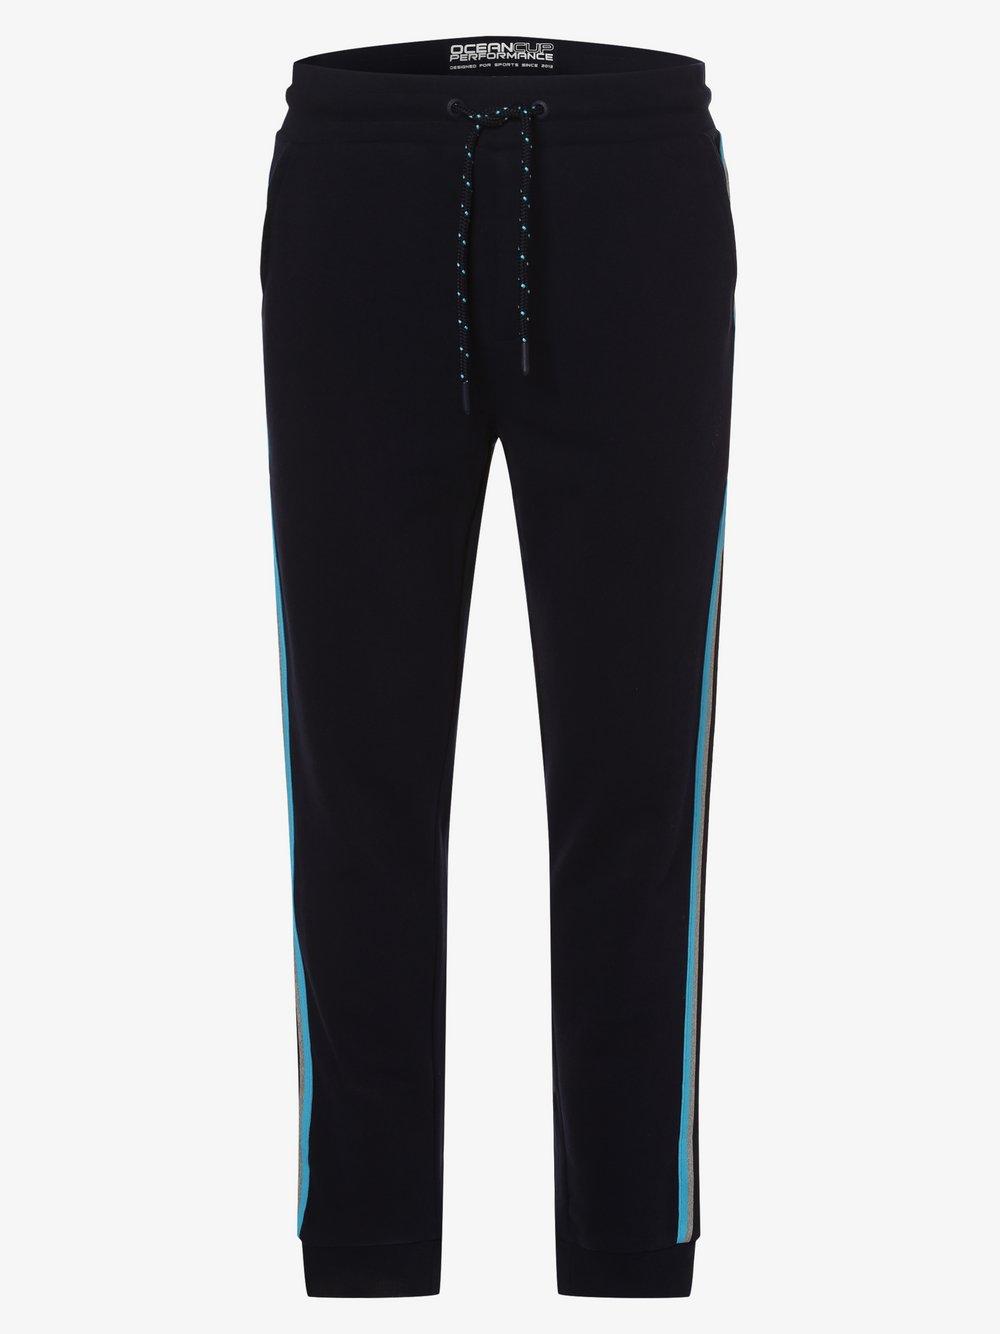 Ocean Cup - Spodnie dresowe męskie, niebieski